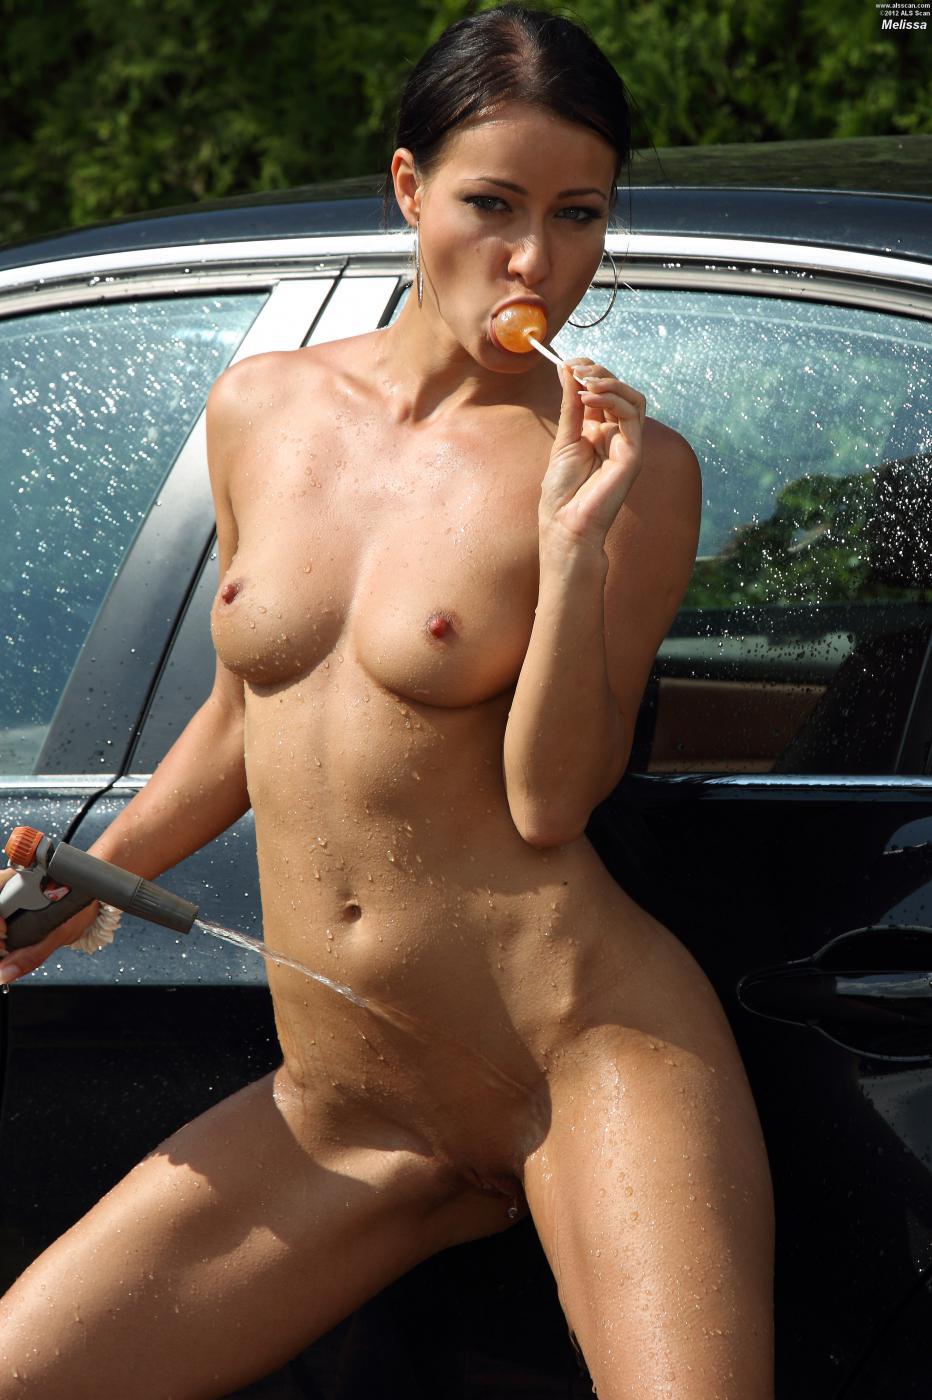 Грязная брюнетка Melissa Mendiny перестает мыть машину и решает помастурбировать с игрушками